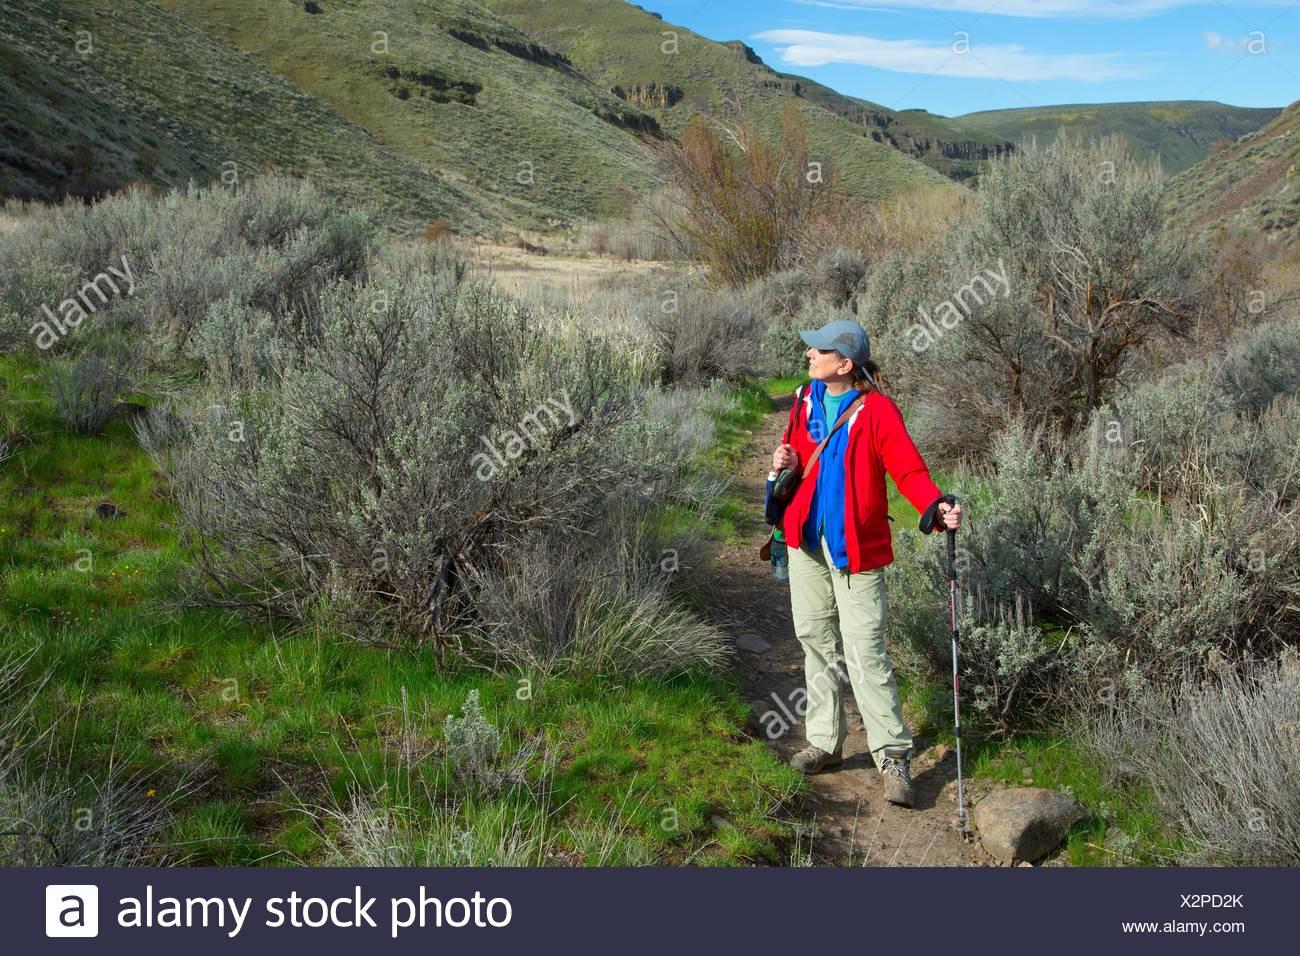 Umtanum Creek Trail, Yakima River Canyon Scenic und entspannende Highway, Wenas State Wildlife, Washington. Stockfoto